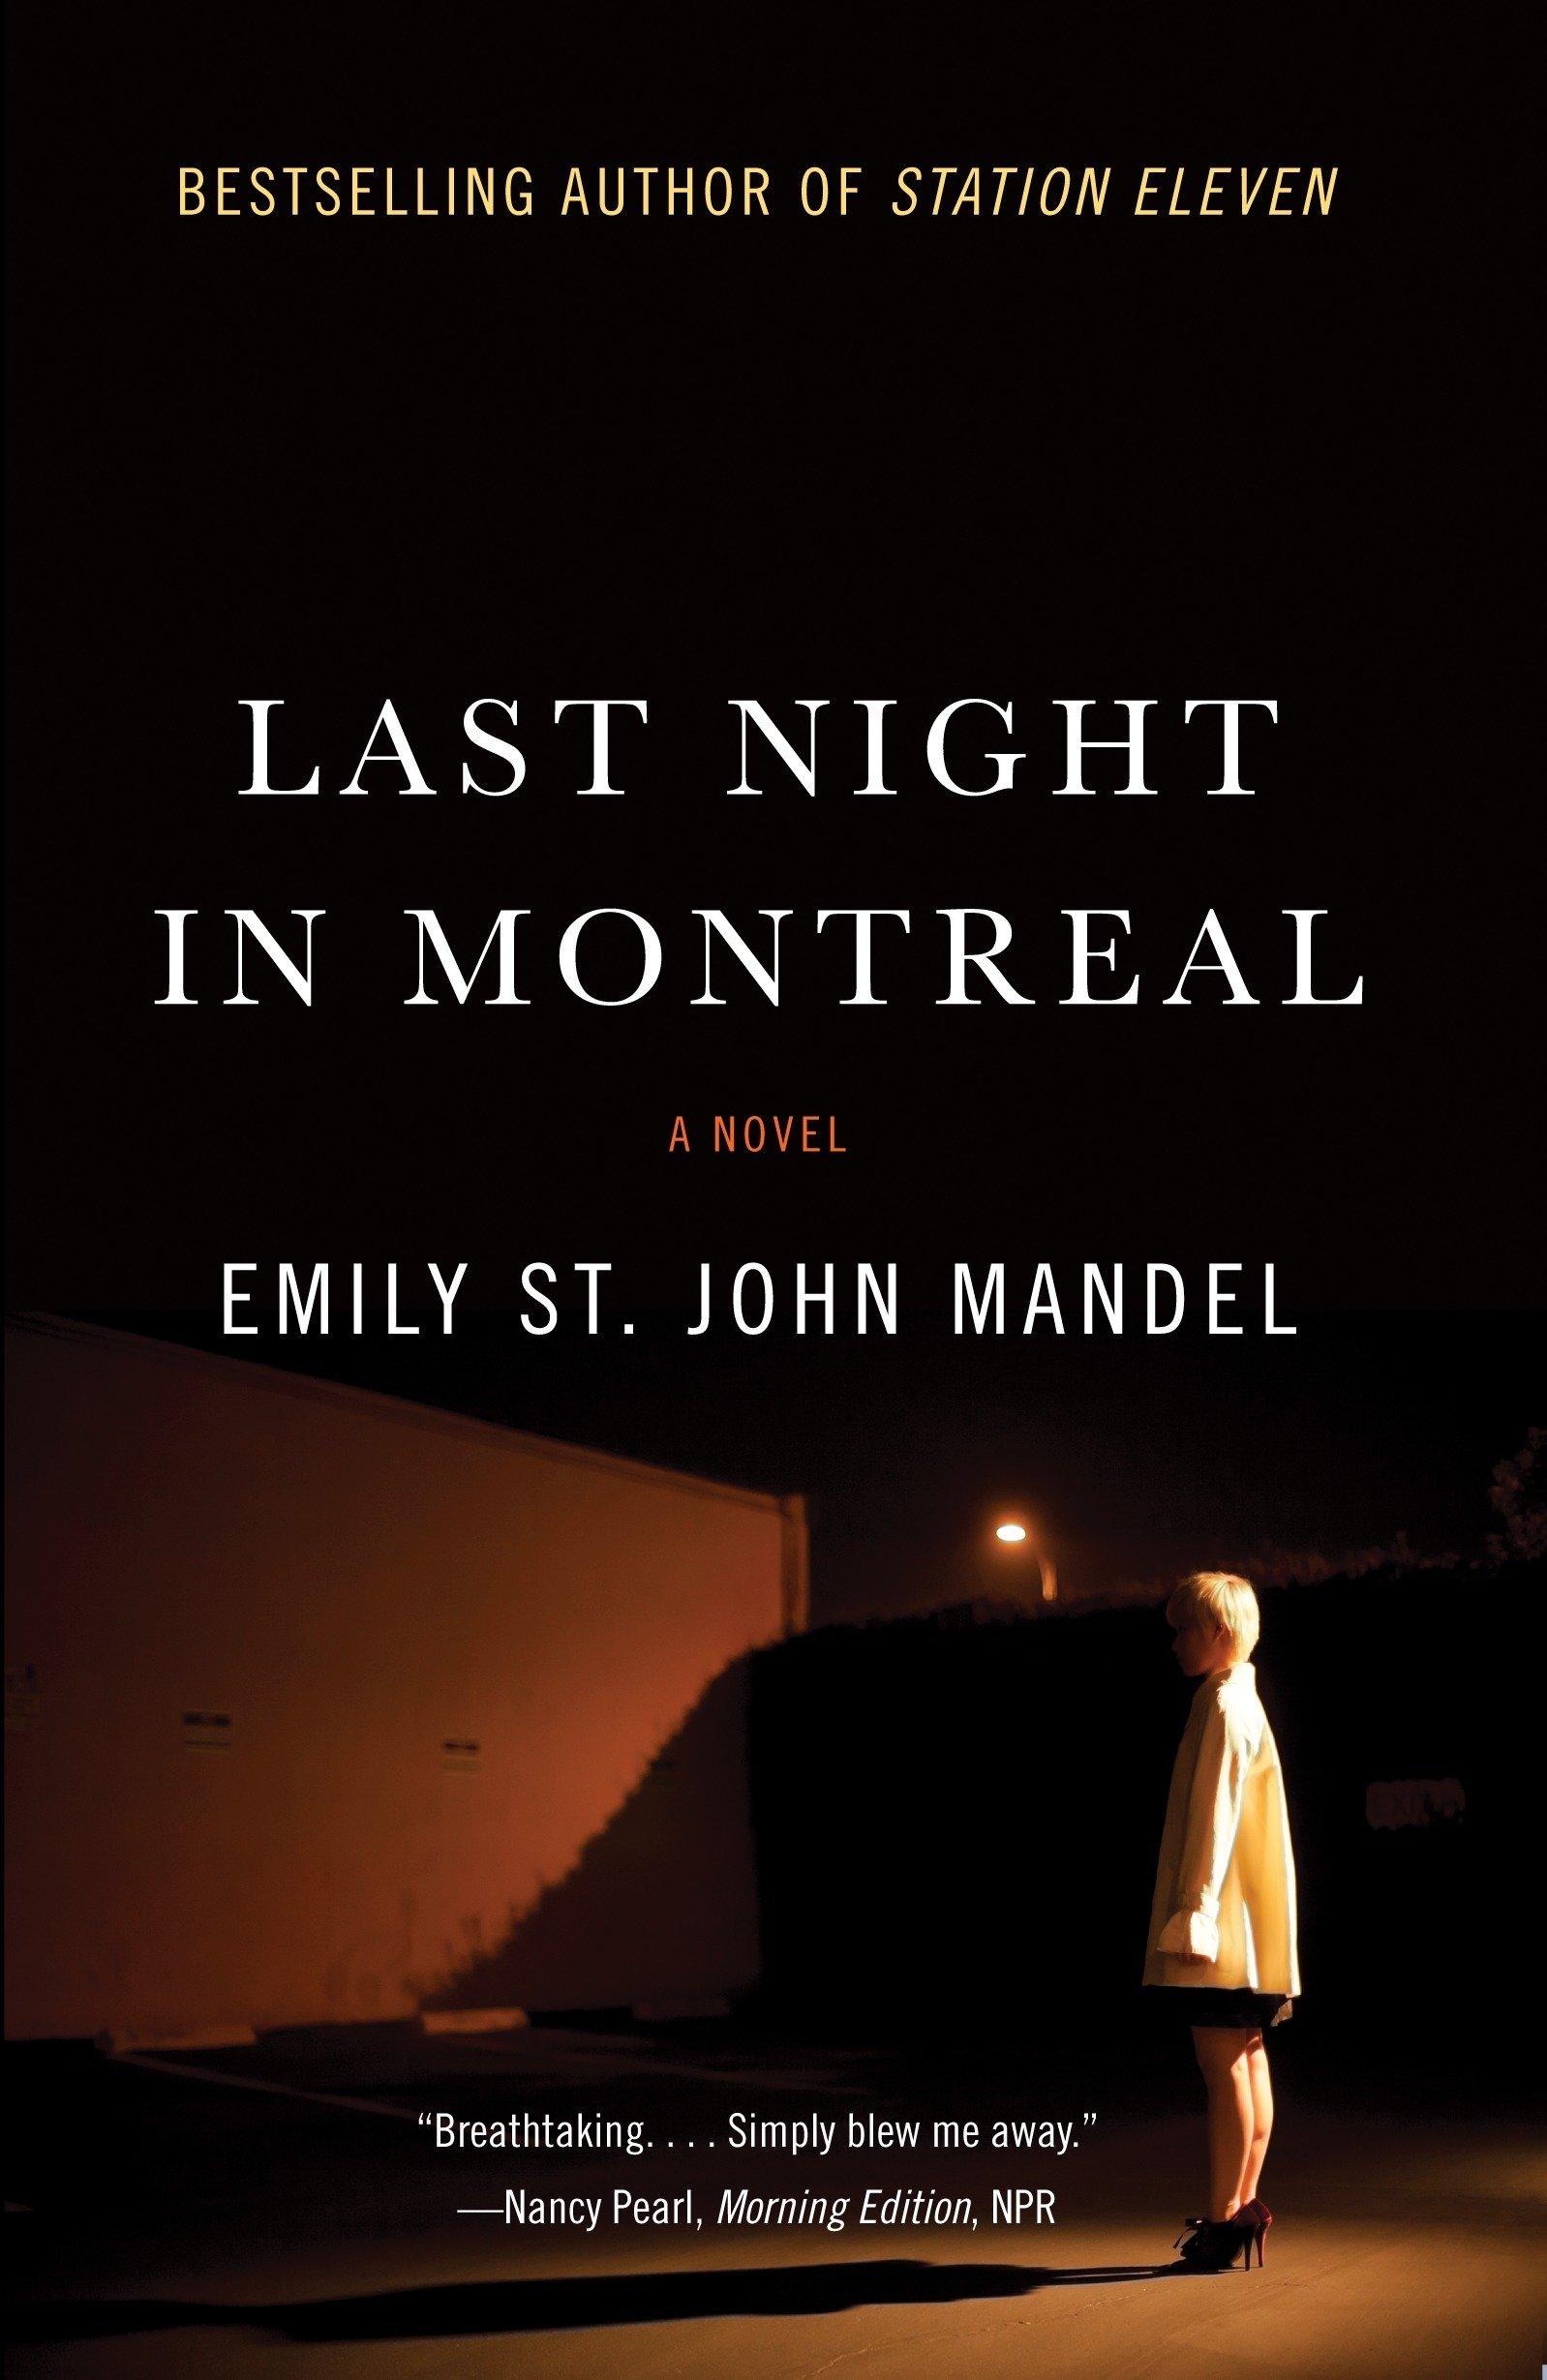 emily st john mandel goodreads